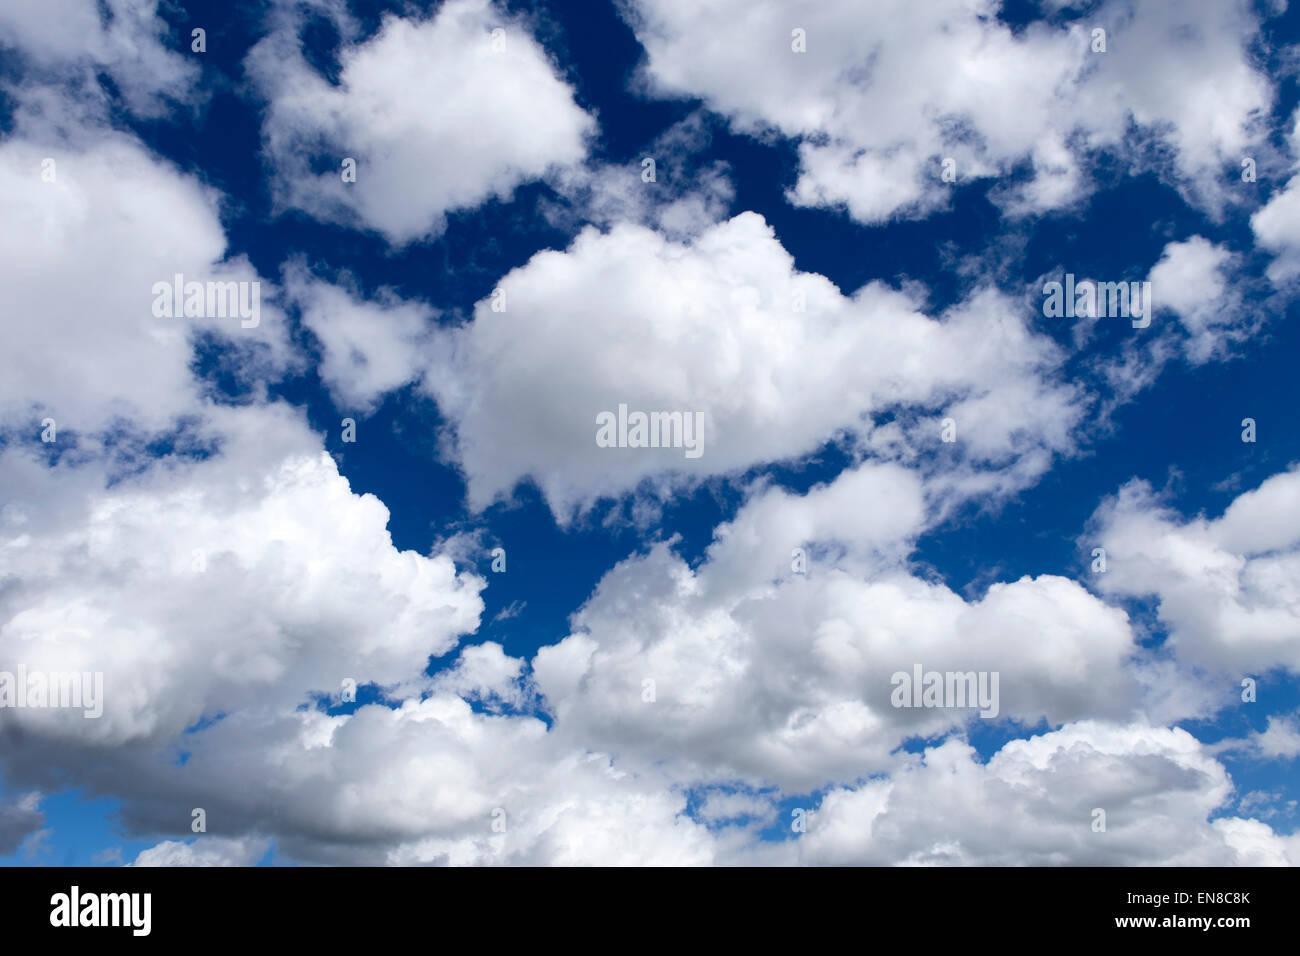 Les nuages blancs dans un ciel bleu profond Photo Stock